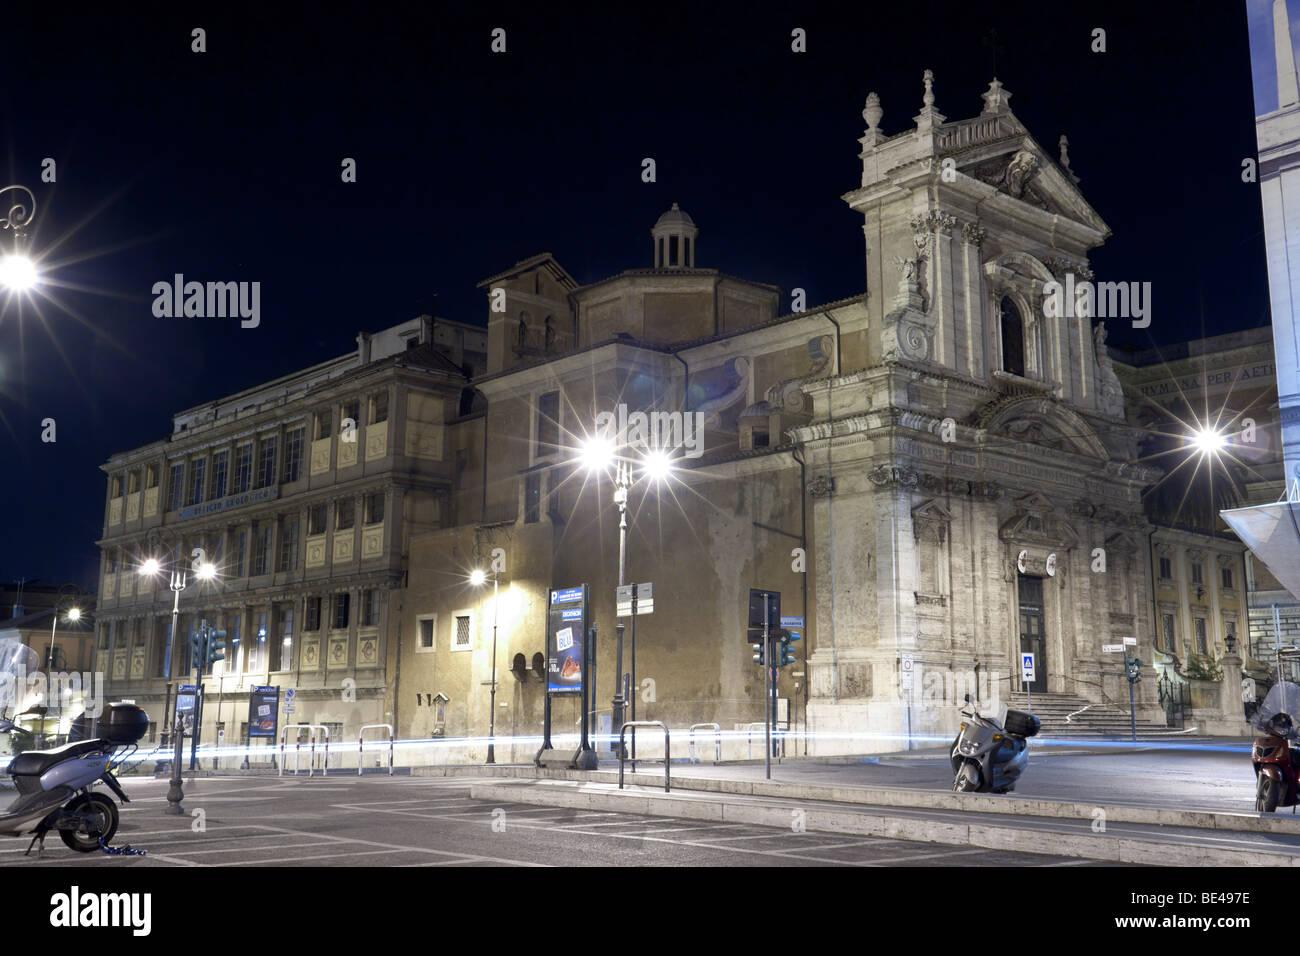 Rome, Italy. Church Santa Maria della Vittoria (right) and Palazzo dell'Ufficio Geologico (left). - Stock Image